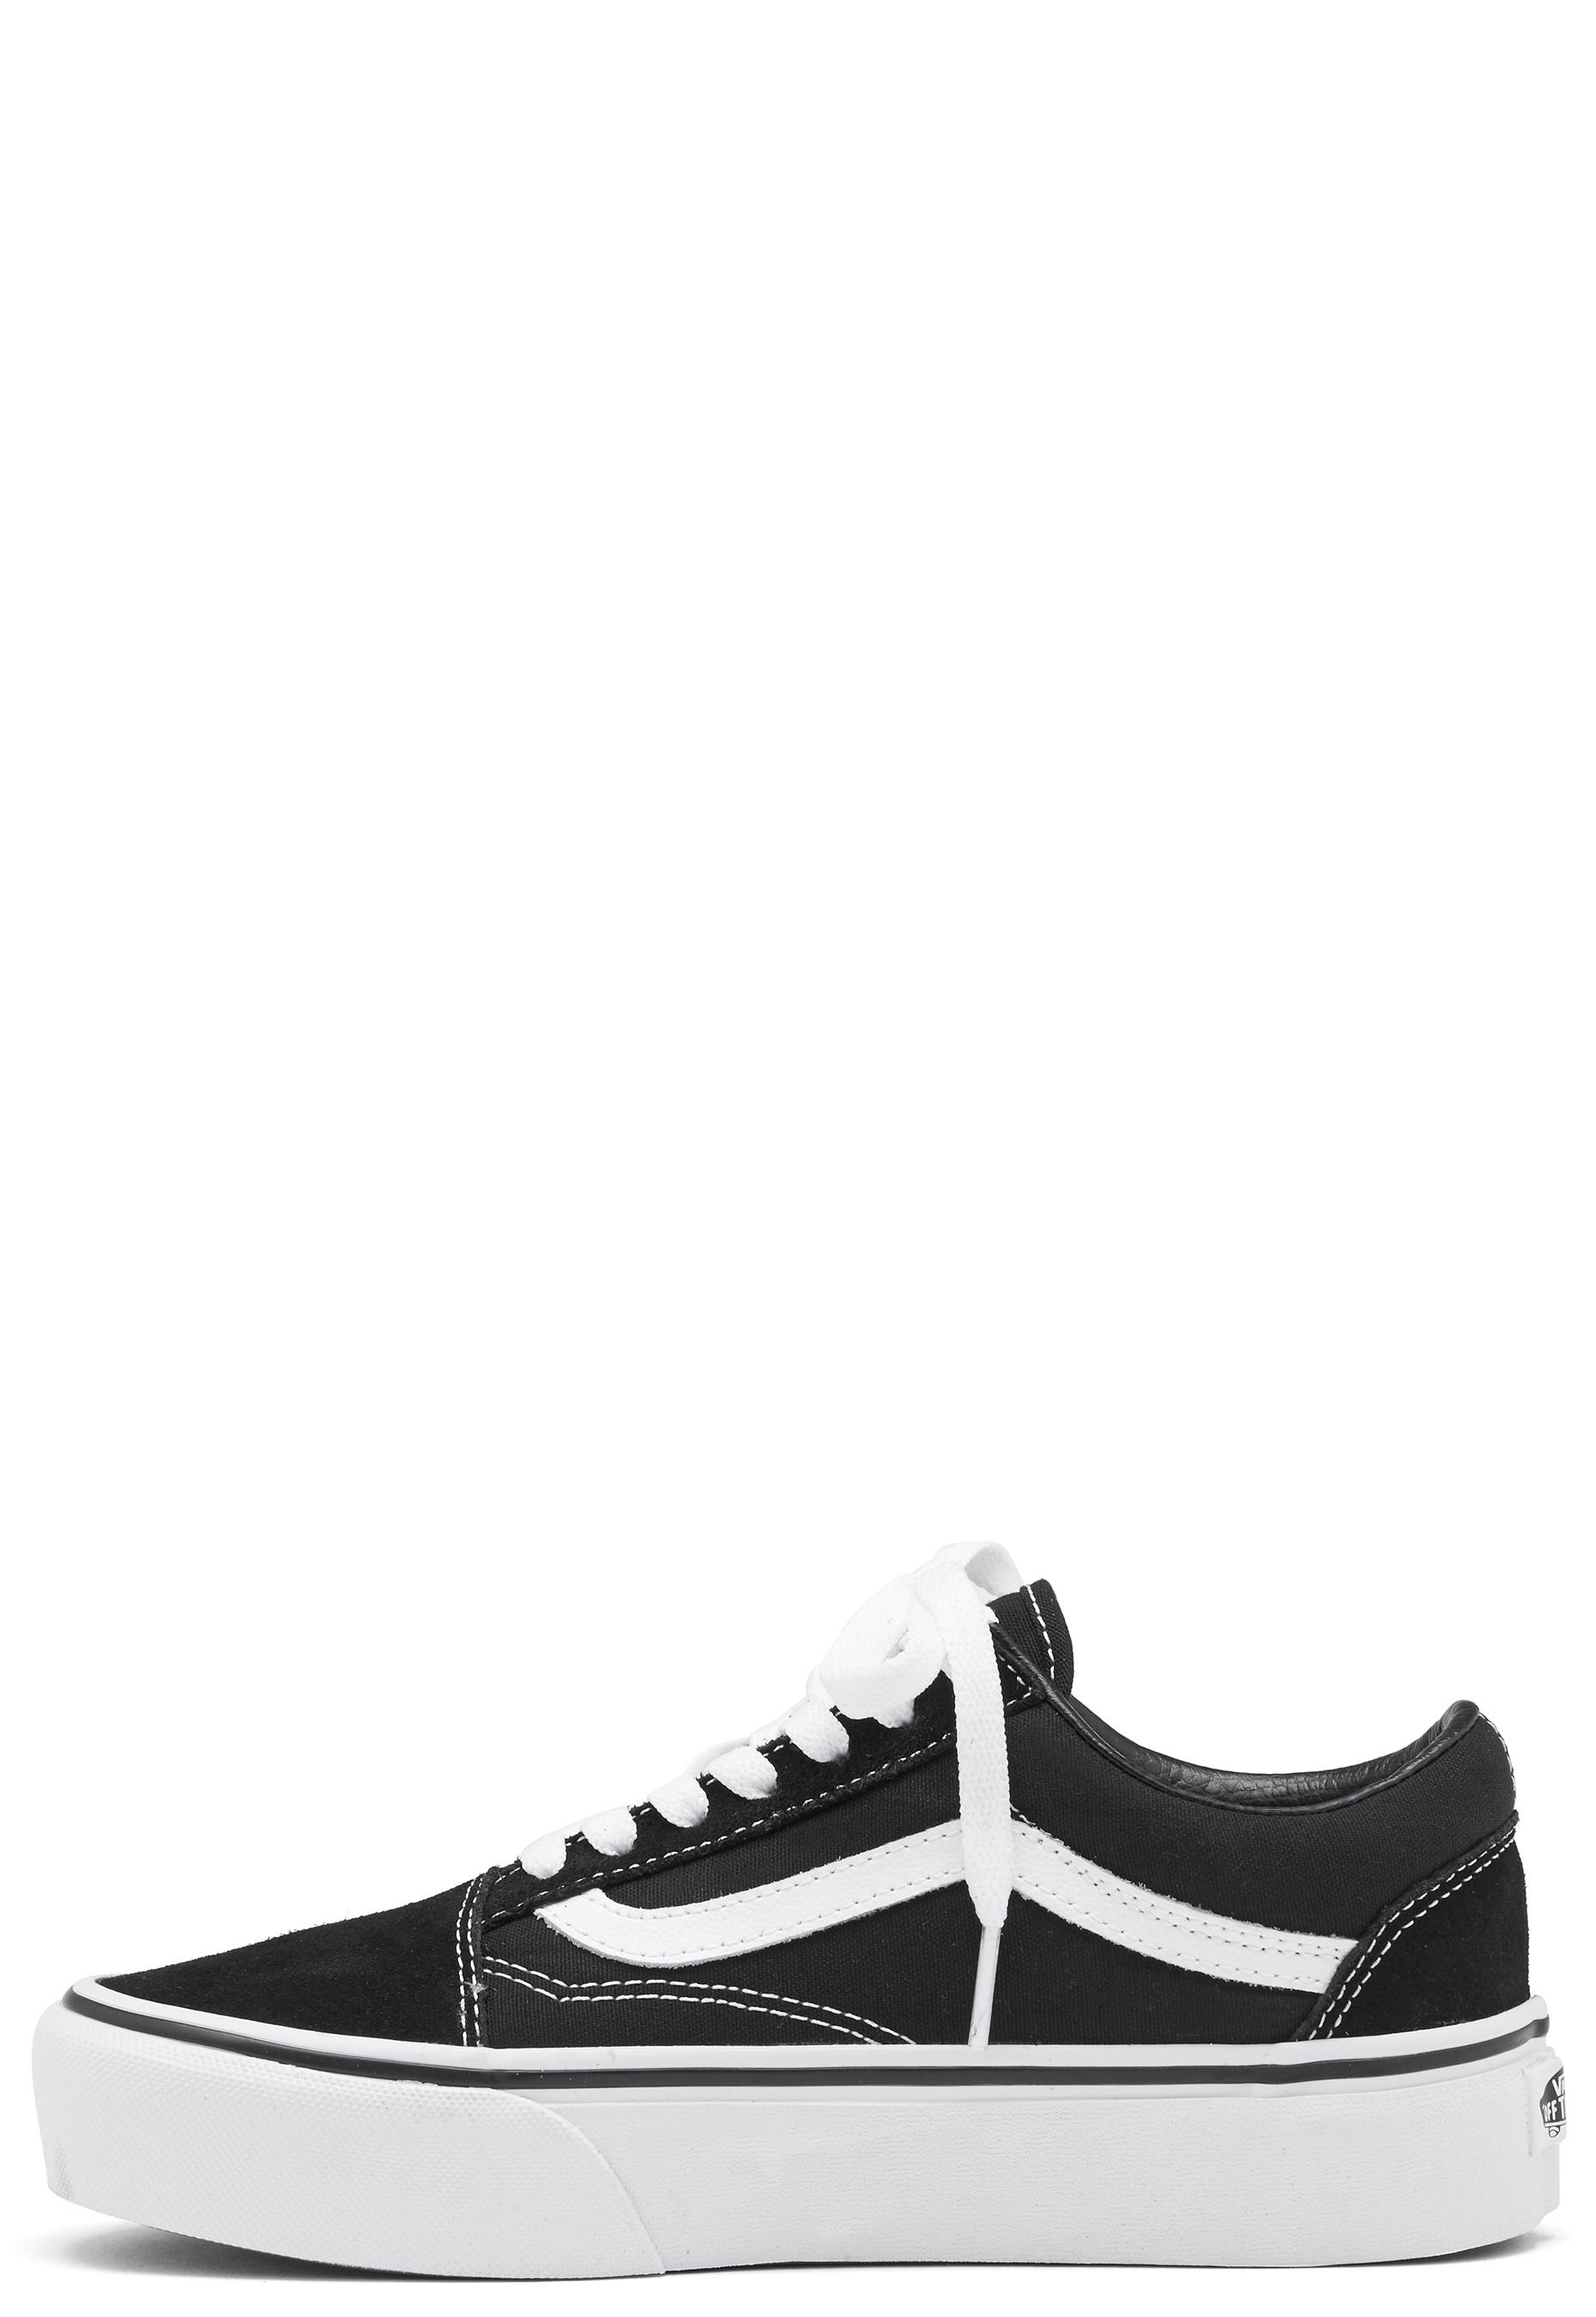 bc34f500d64 Vans Old Skool Platform Black White - Bubbleroom